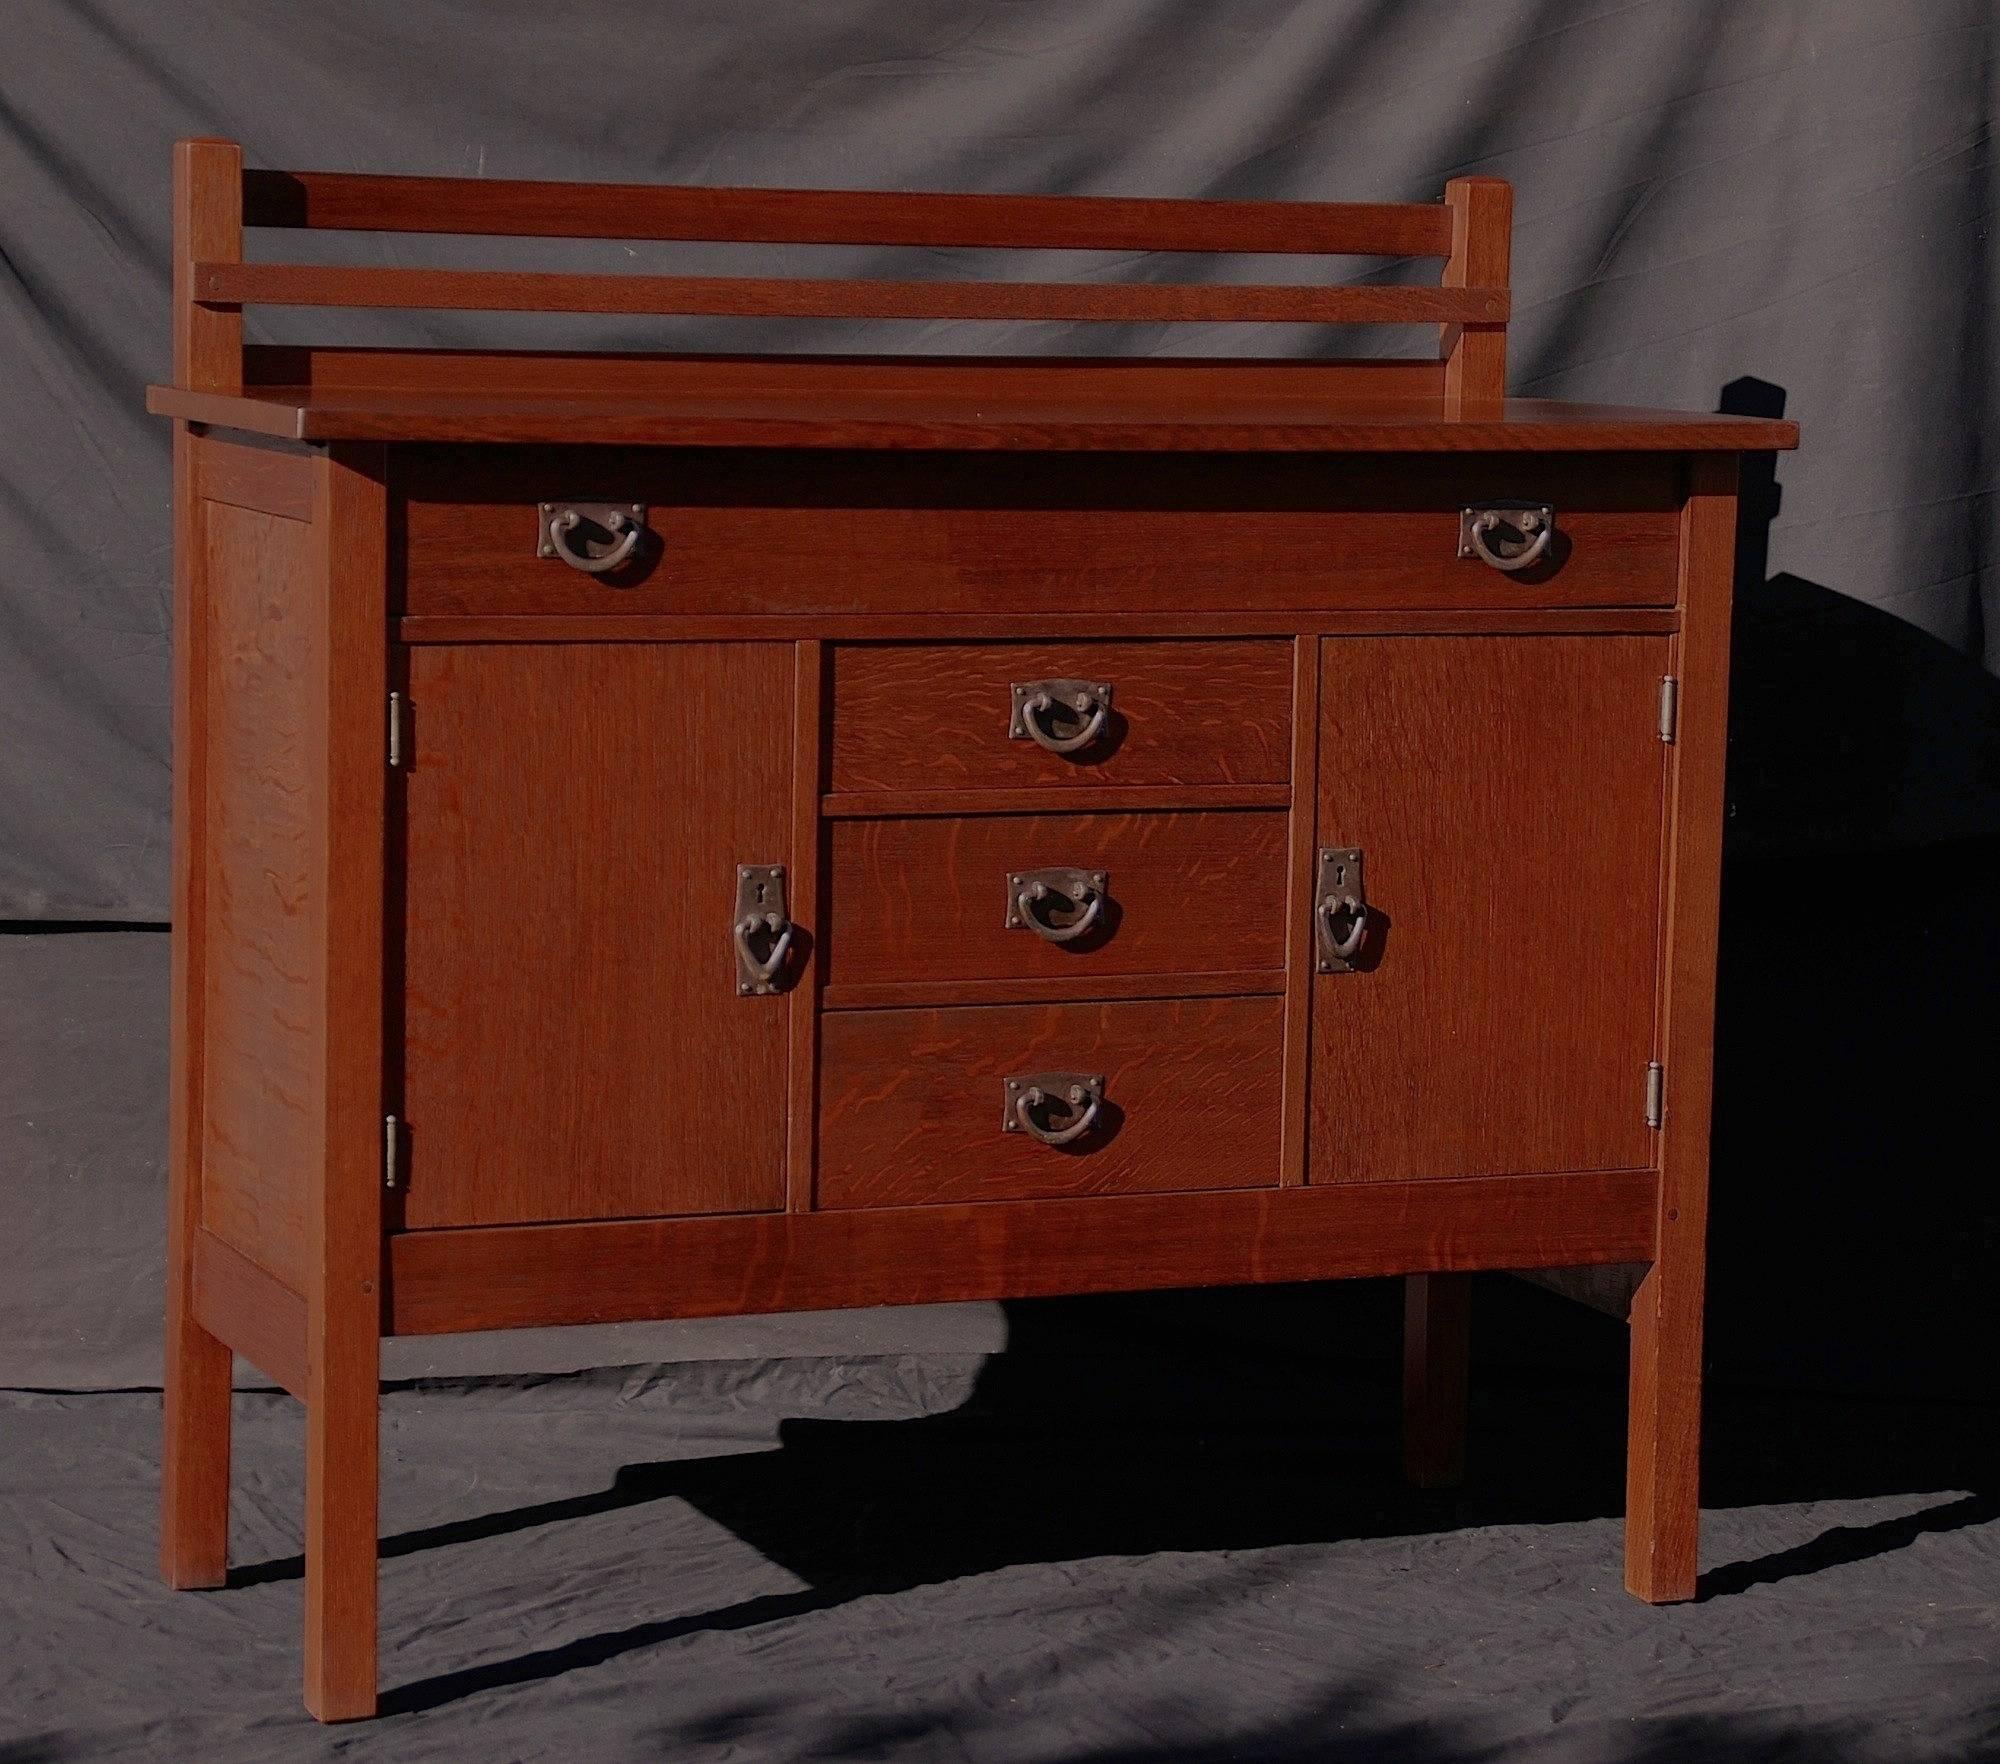 Voorhees Craftsman Mission Oak Furniture – Gustav Stickley Vintage Intended For Stickley Sideboards (View 12 of 15)